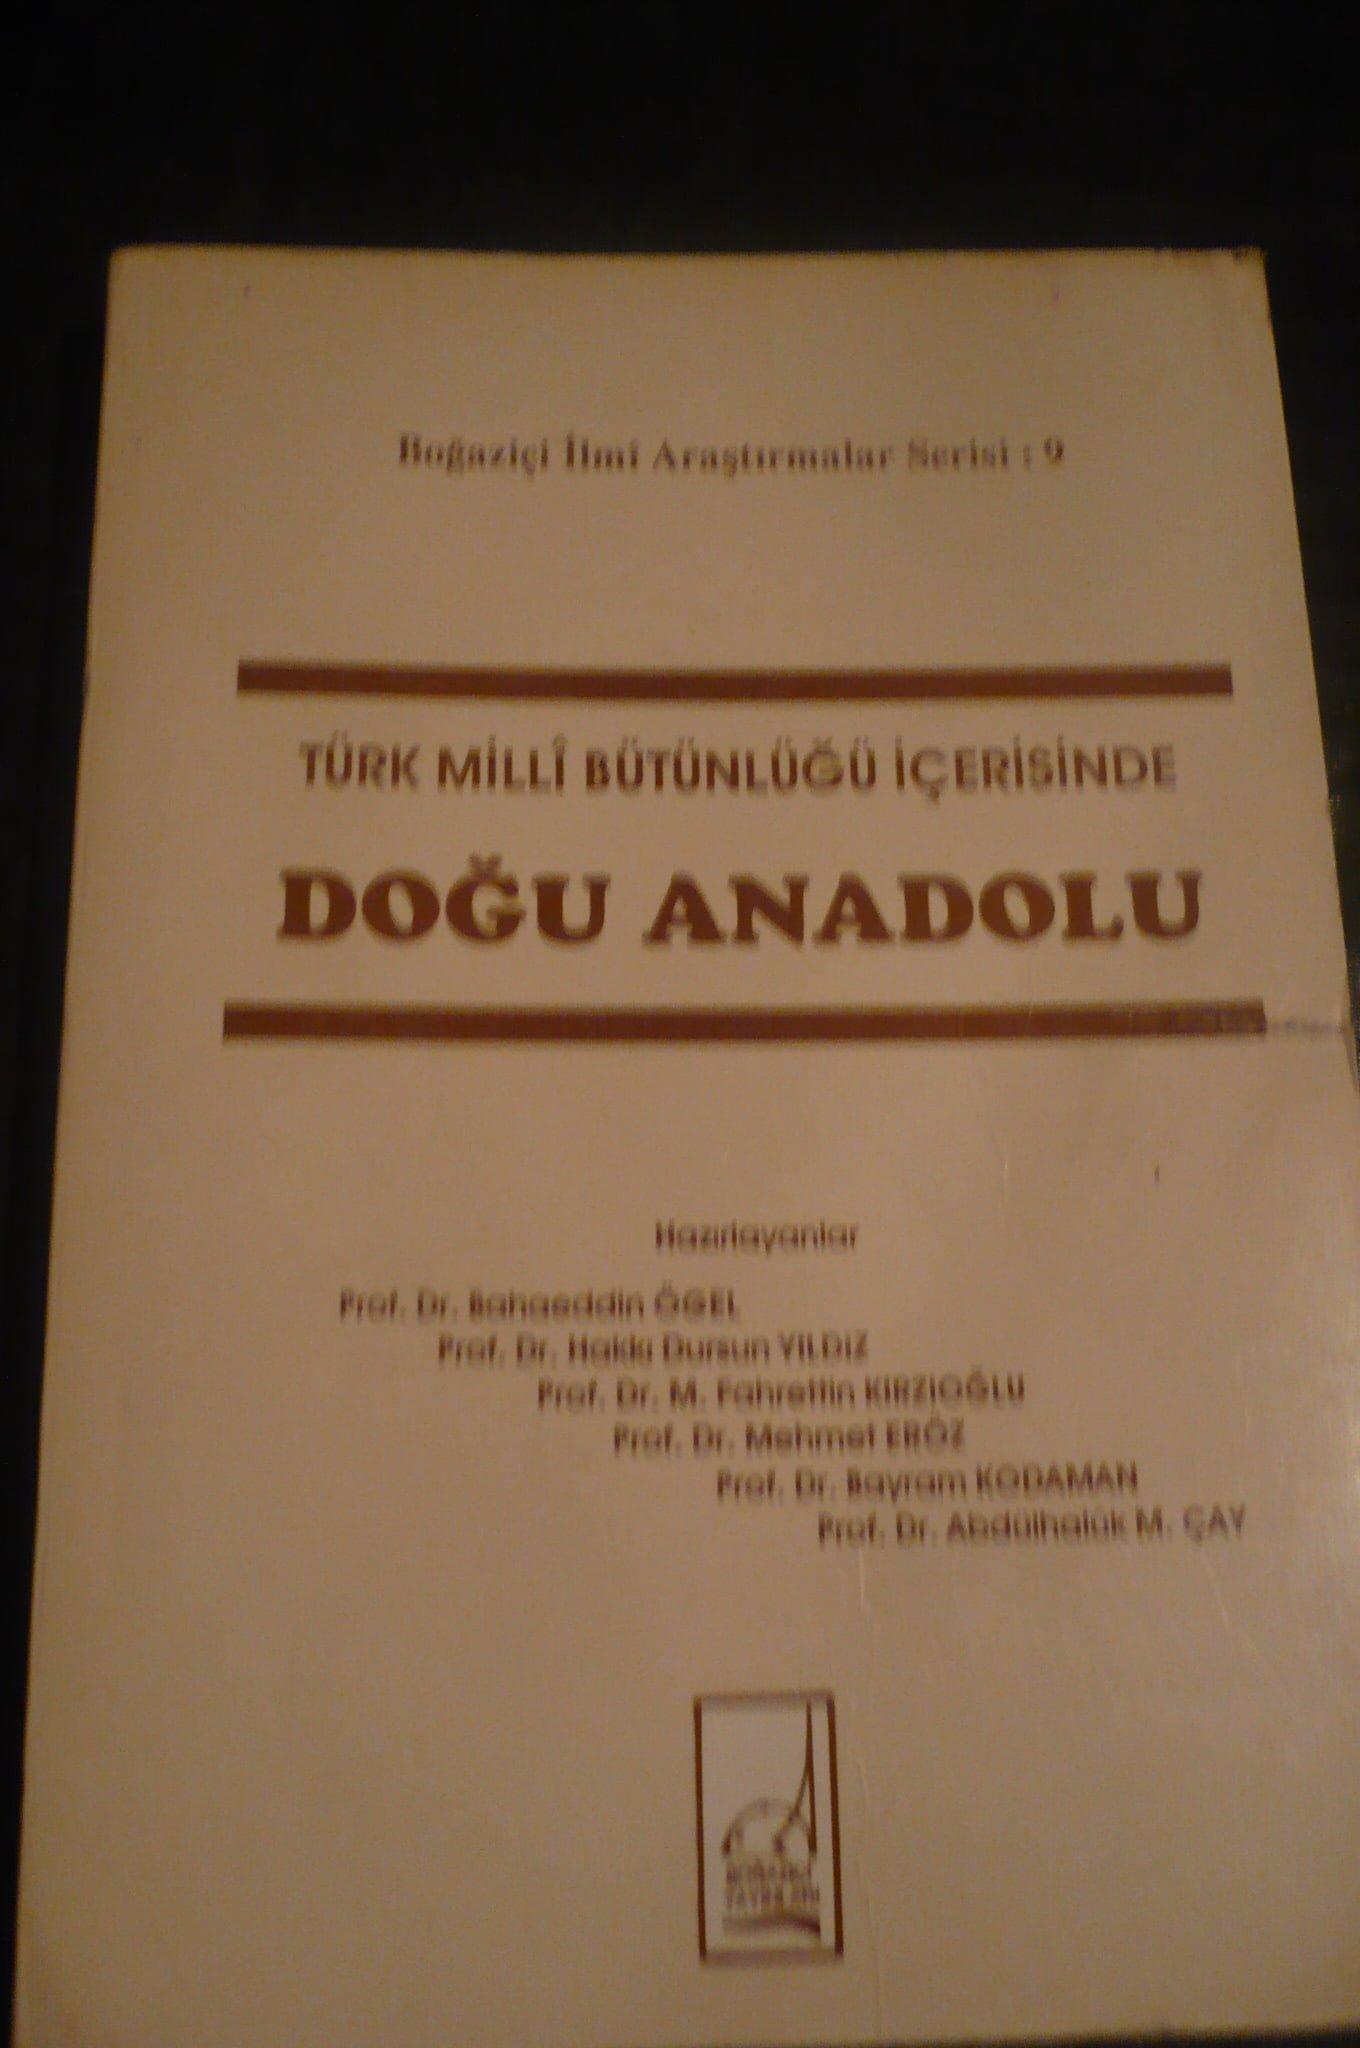 Türk Milli Bütünlüğü İçerisinde DOĞU ANADOLU/B. Ögel, H.D. Yıldız, M.F. Kırzıoğlu/15 TL